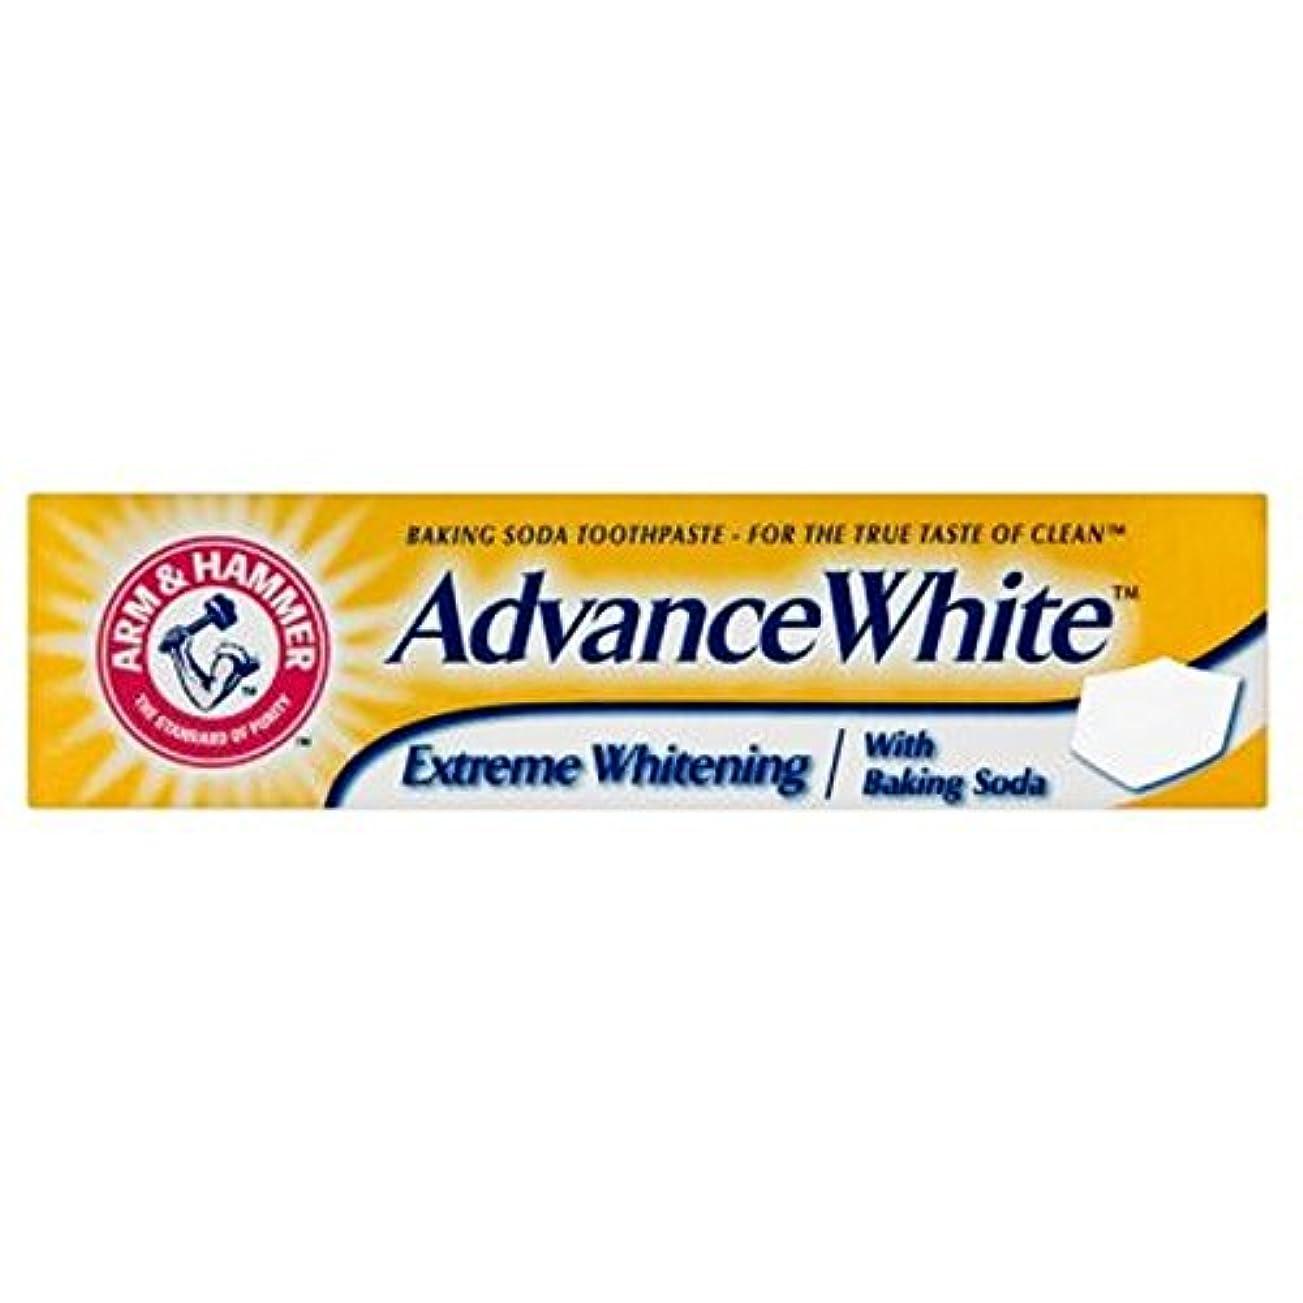 リスク裁量使い込む重曹歯磨き粉75ミリリットルをホワイトニングアーム&ハンマー事前白極端 (Arm & Hammer) (x2) - Arm & Hammer Advance White Extreme Whitening Baking...